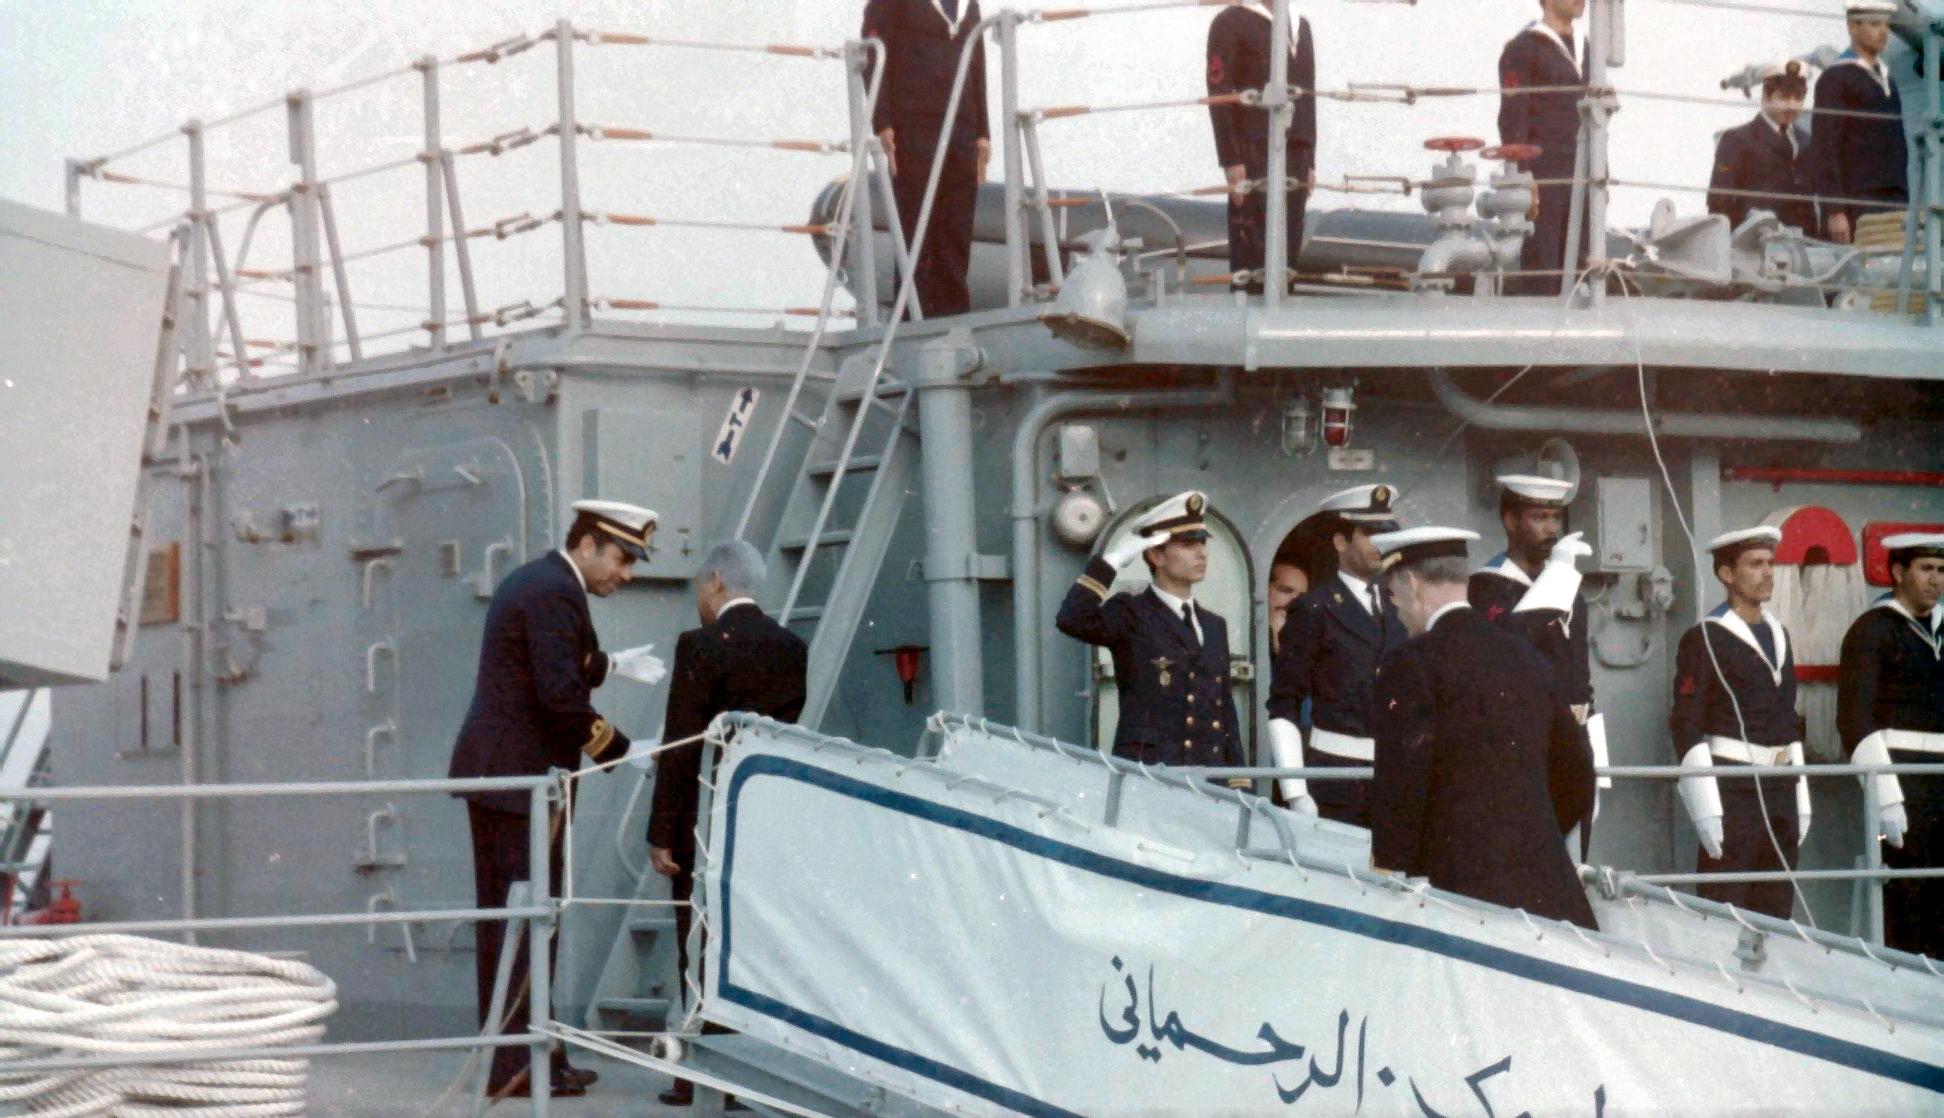 Royal Moroccan Navy Descubierta Frigate / Corvette Lt Cl Errahmani - Bâtiment École - Page 4 Clipb531